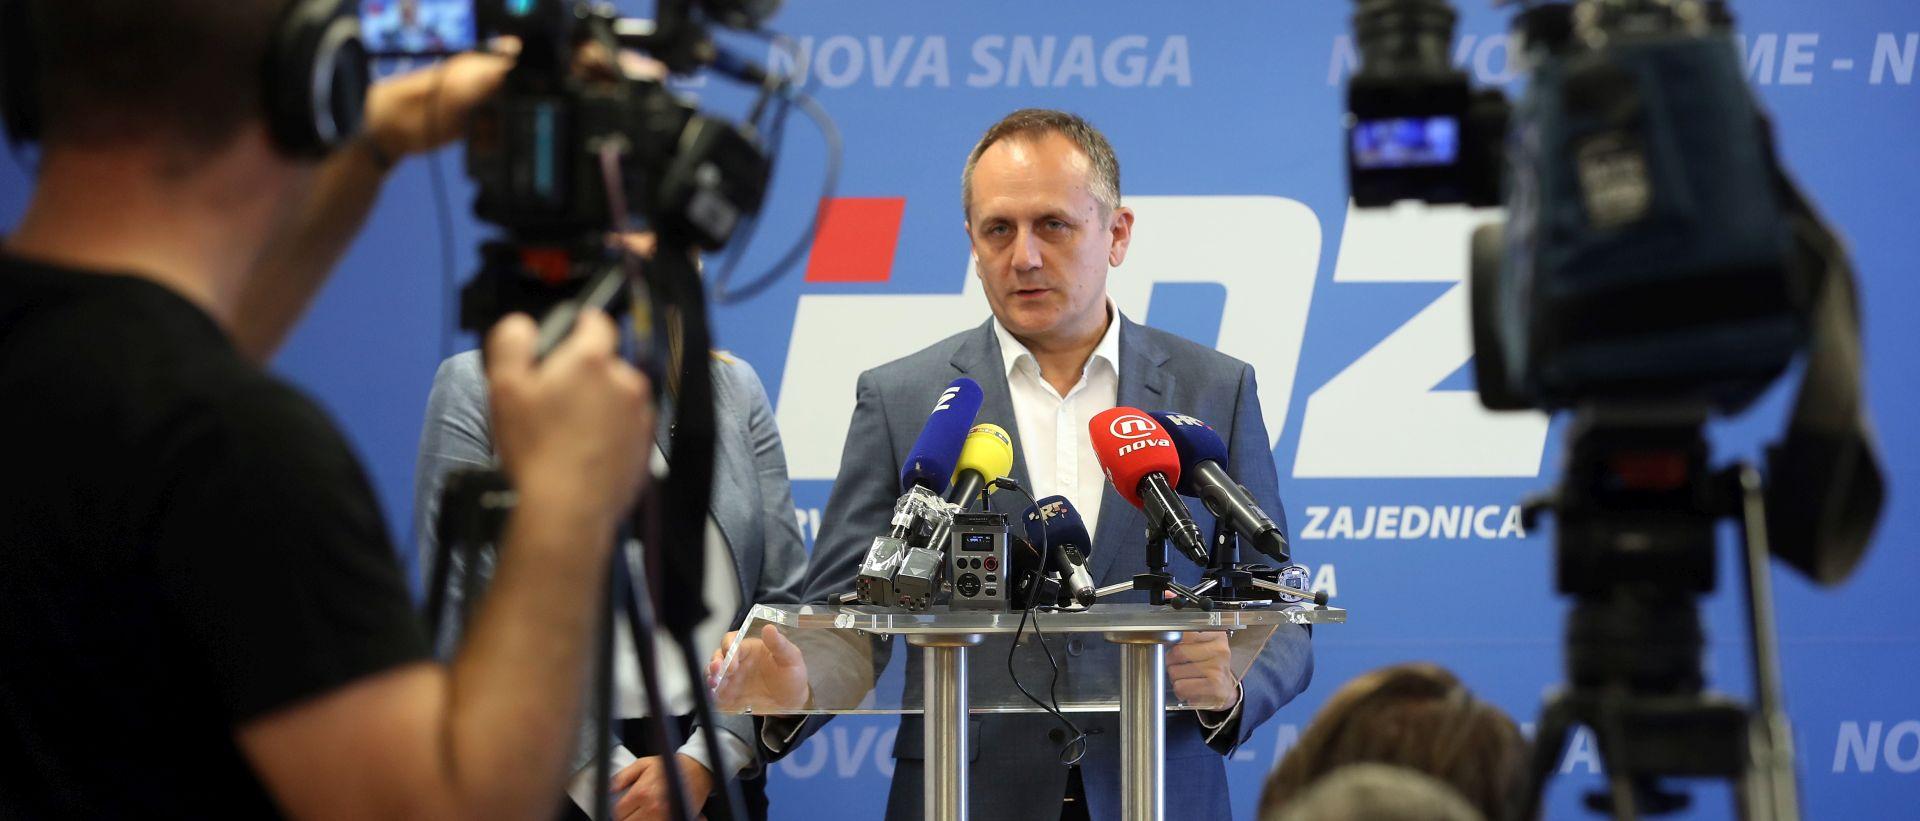 """PRGOMET """"Roditelji nose sapun u vrtiće, a Bandić bi bacio 10 posto gradskog proračuna"""""""